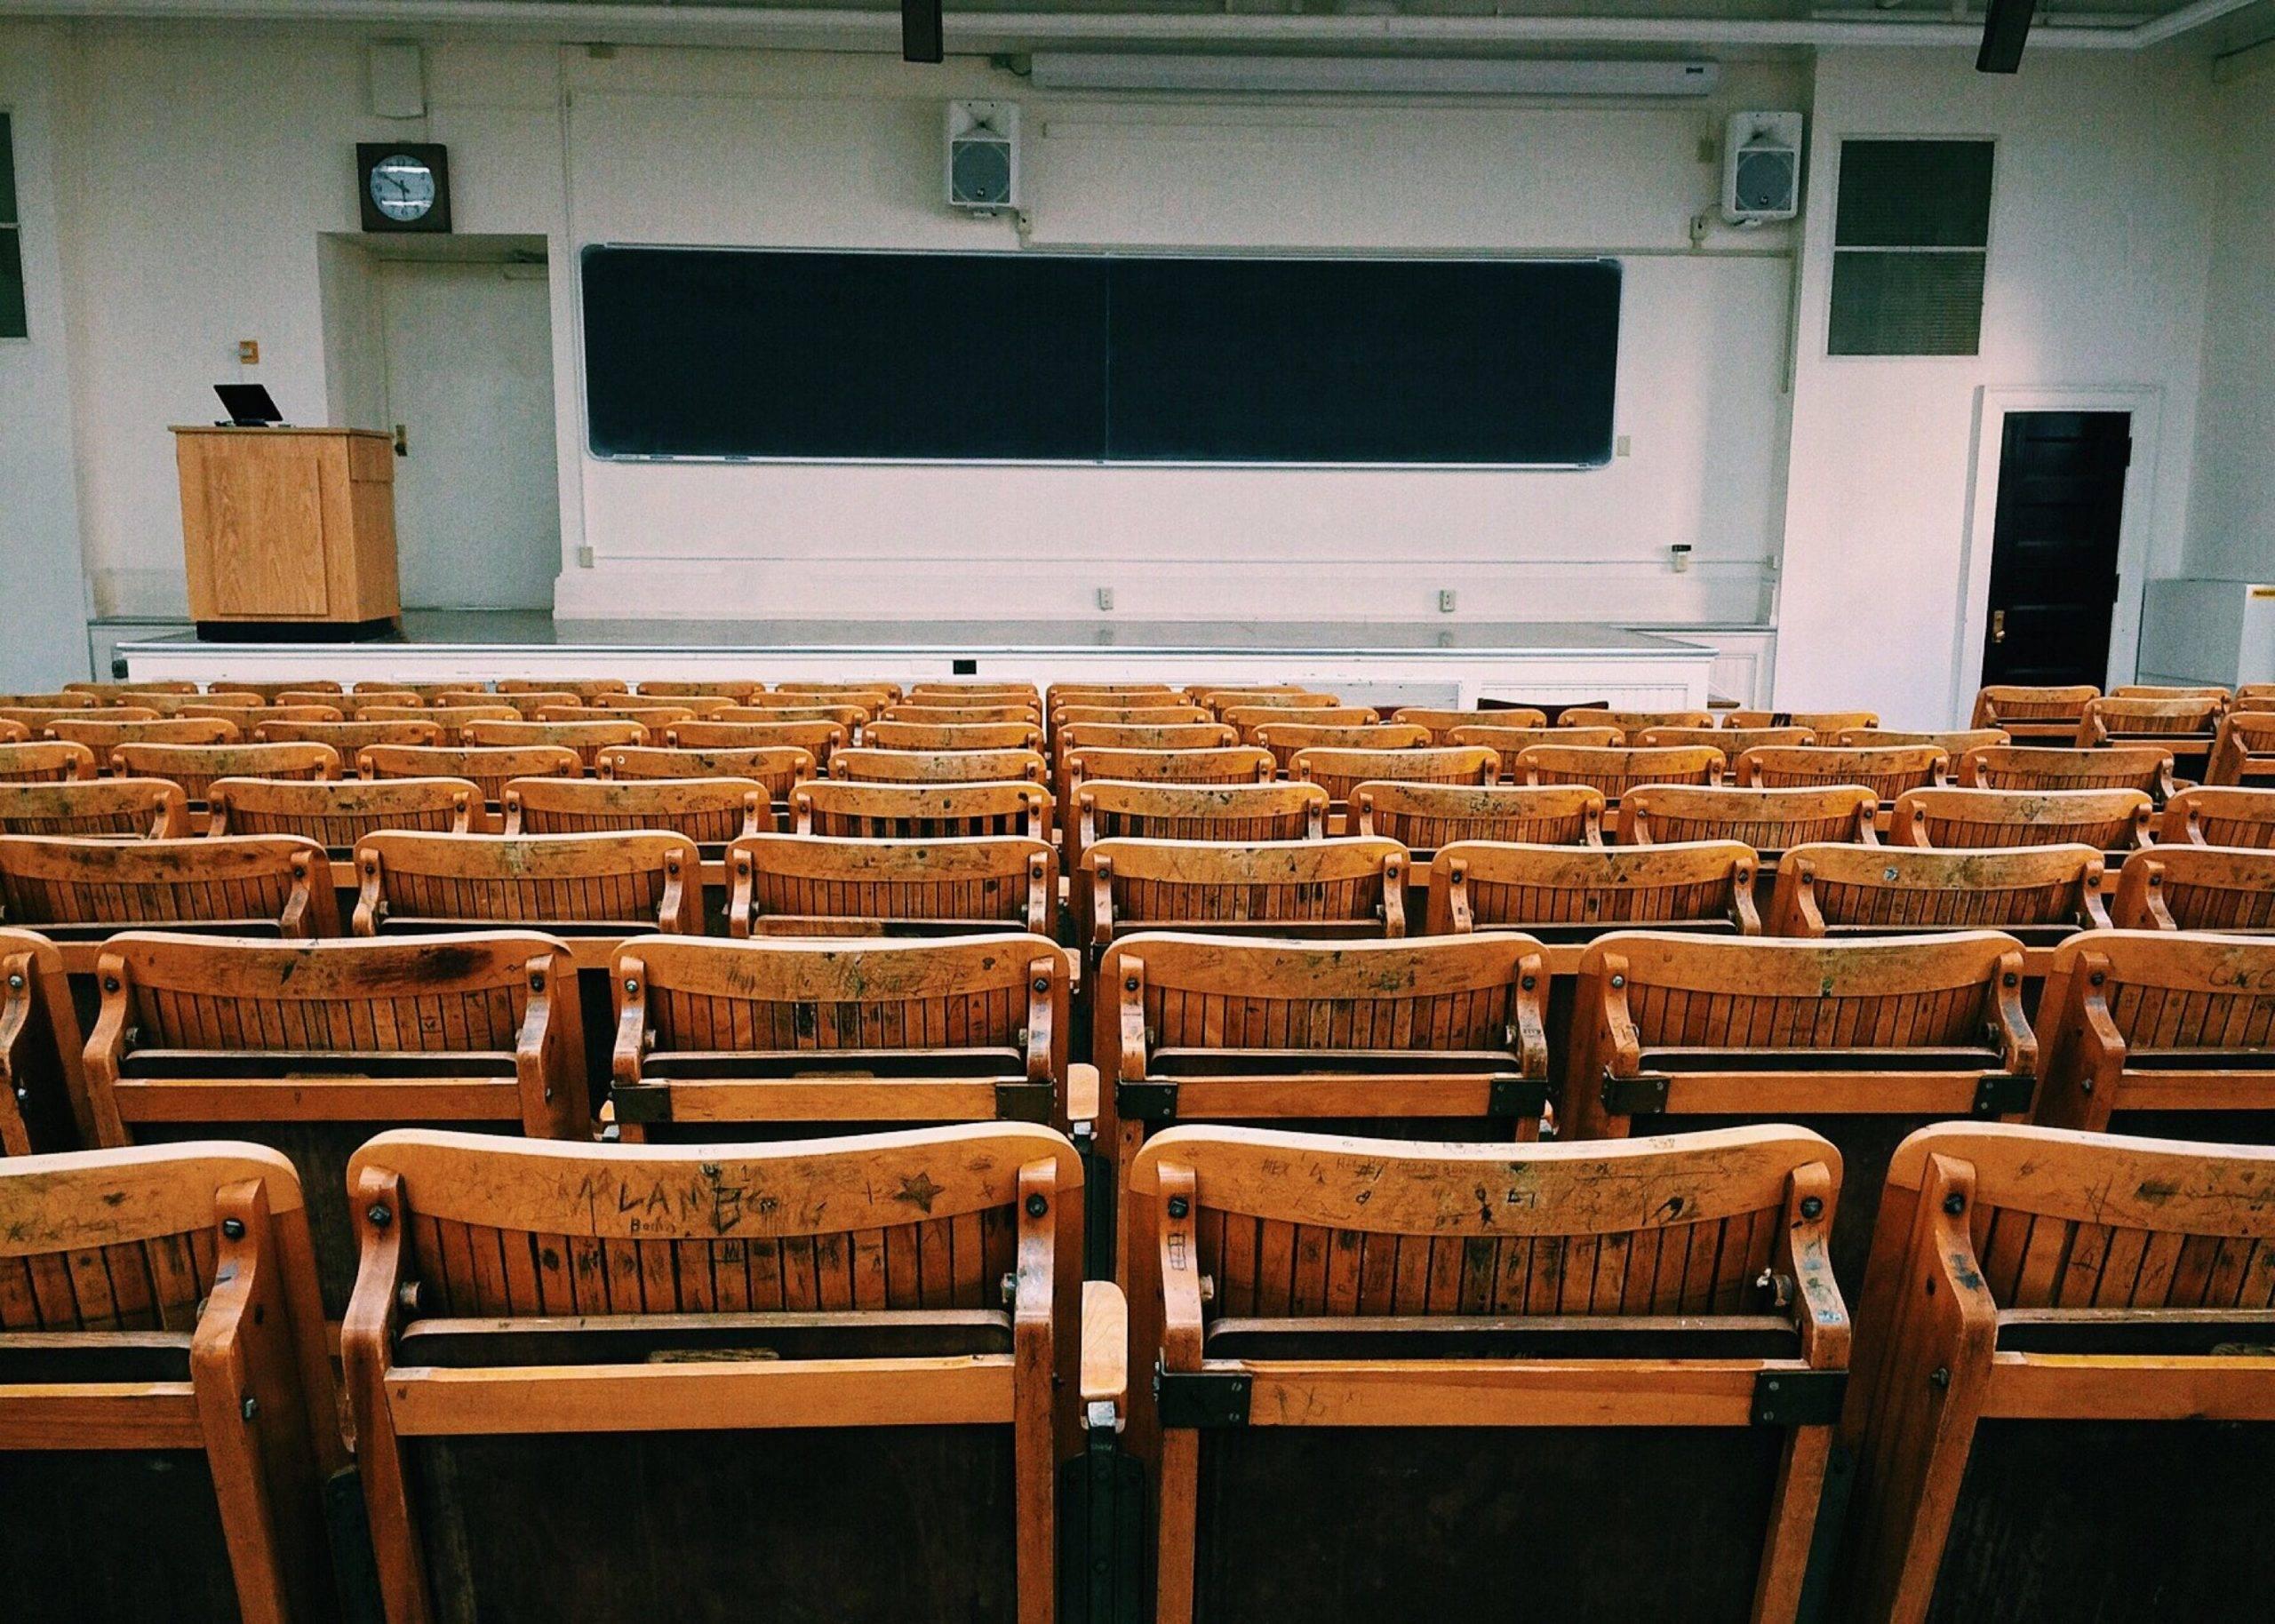 KeyShot Schulung Training Kurs von Beginner bis Profi alles wird an Sie angepasst